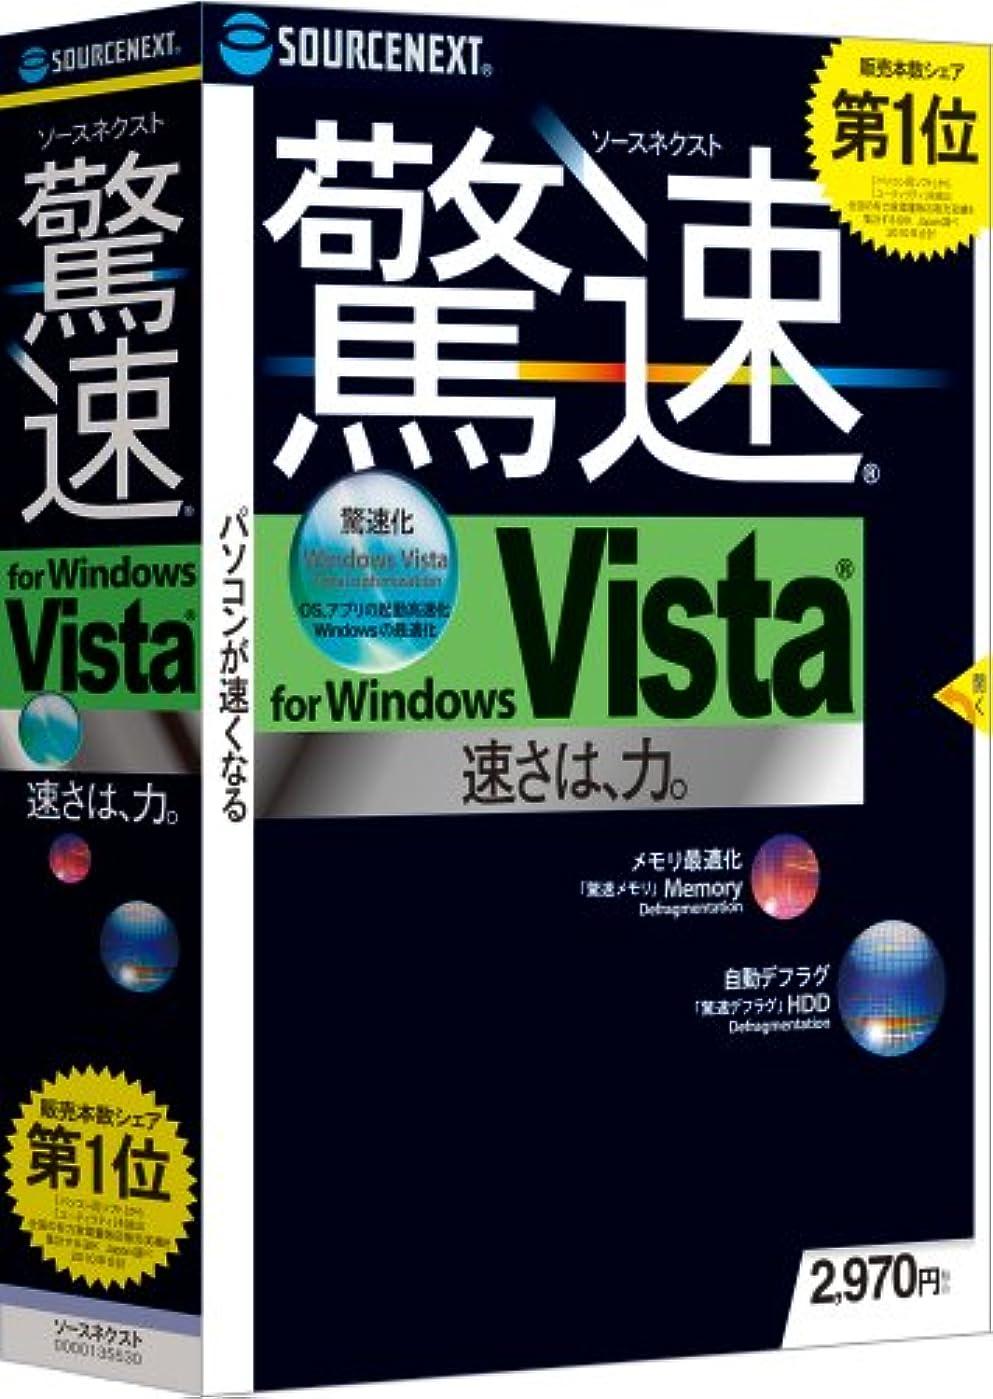 反対動物属性ソースネクスト 驚速 for Windows Vista 新価格